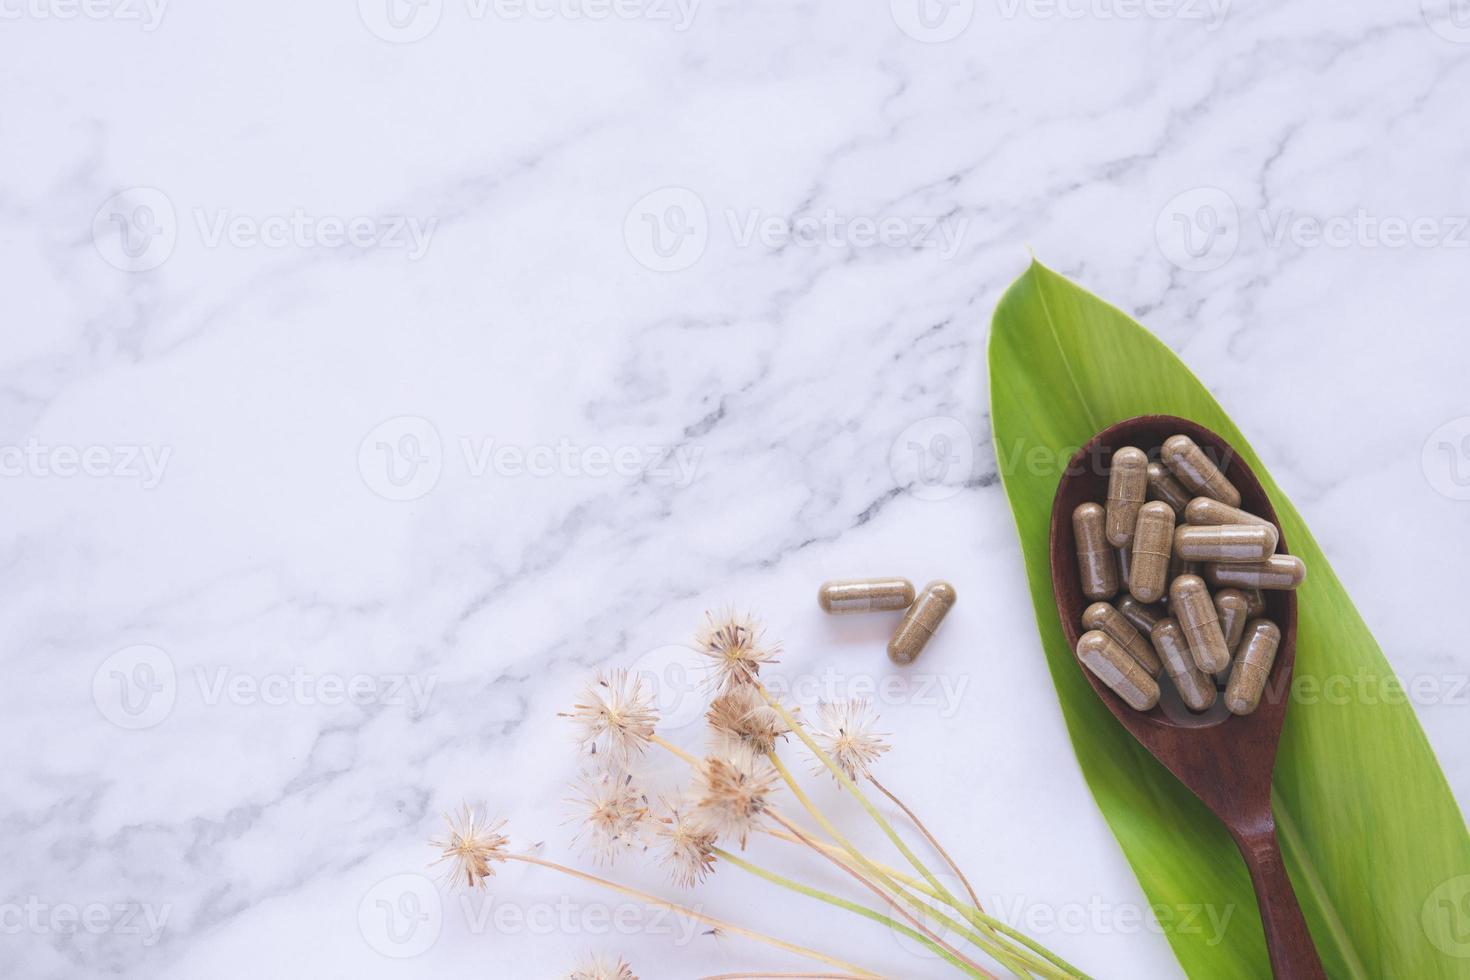 Phytothérapie en capsules sur cuillère en bois avec feuille verte sur marbre blanc photo